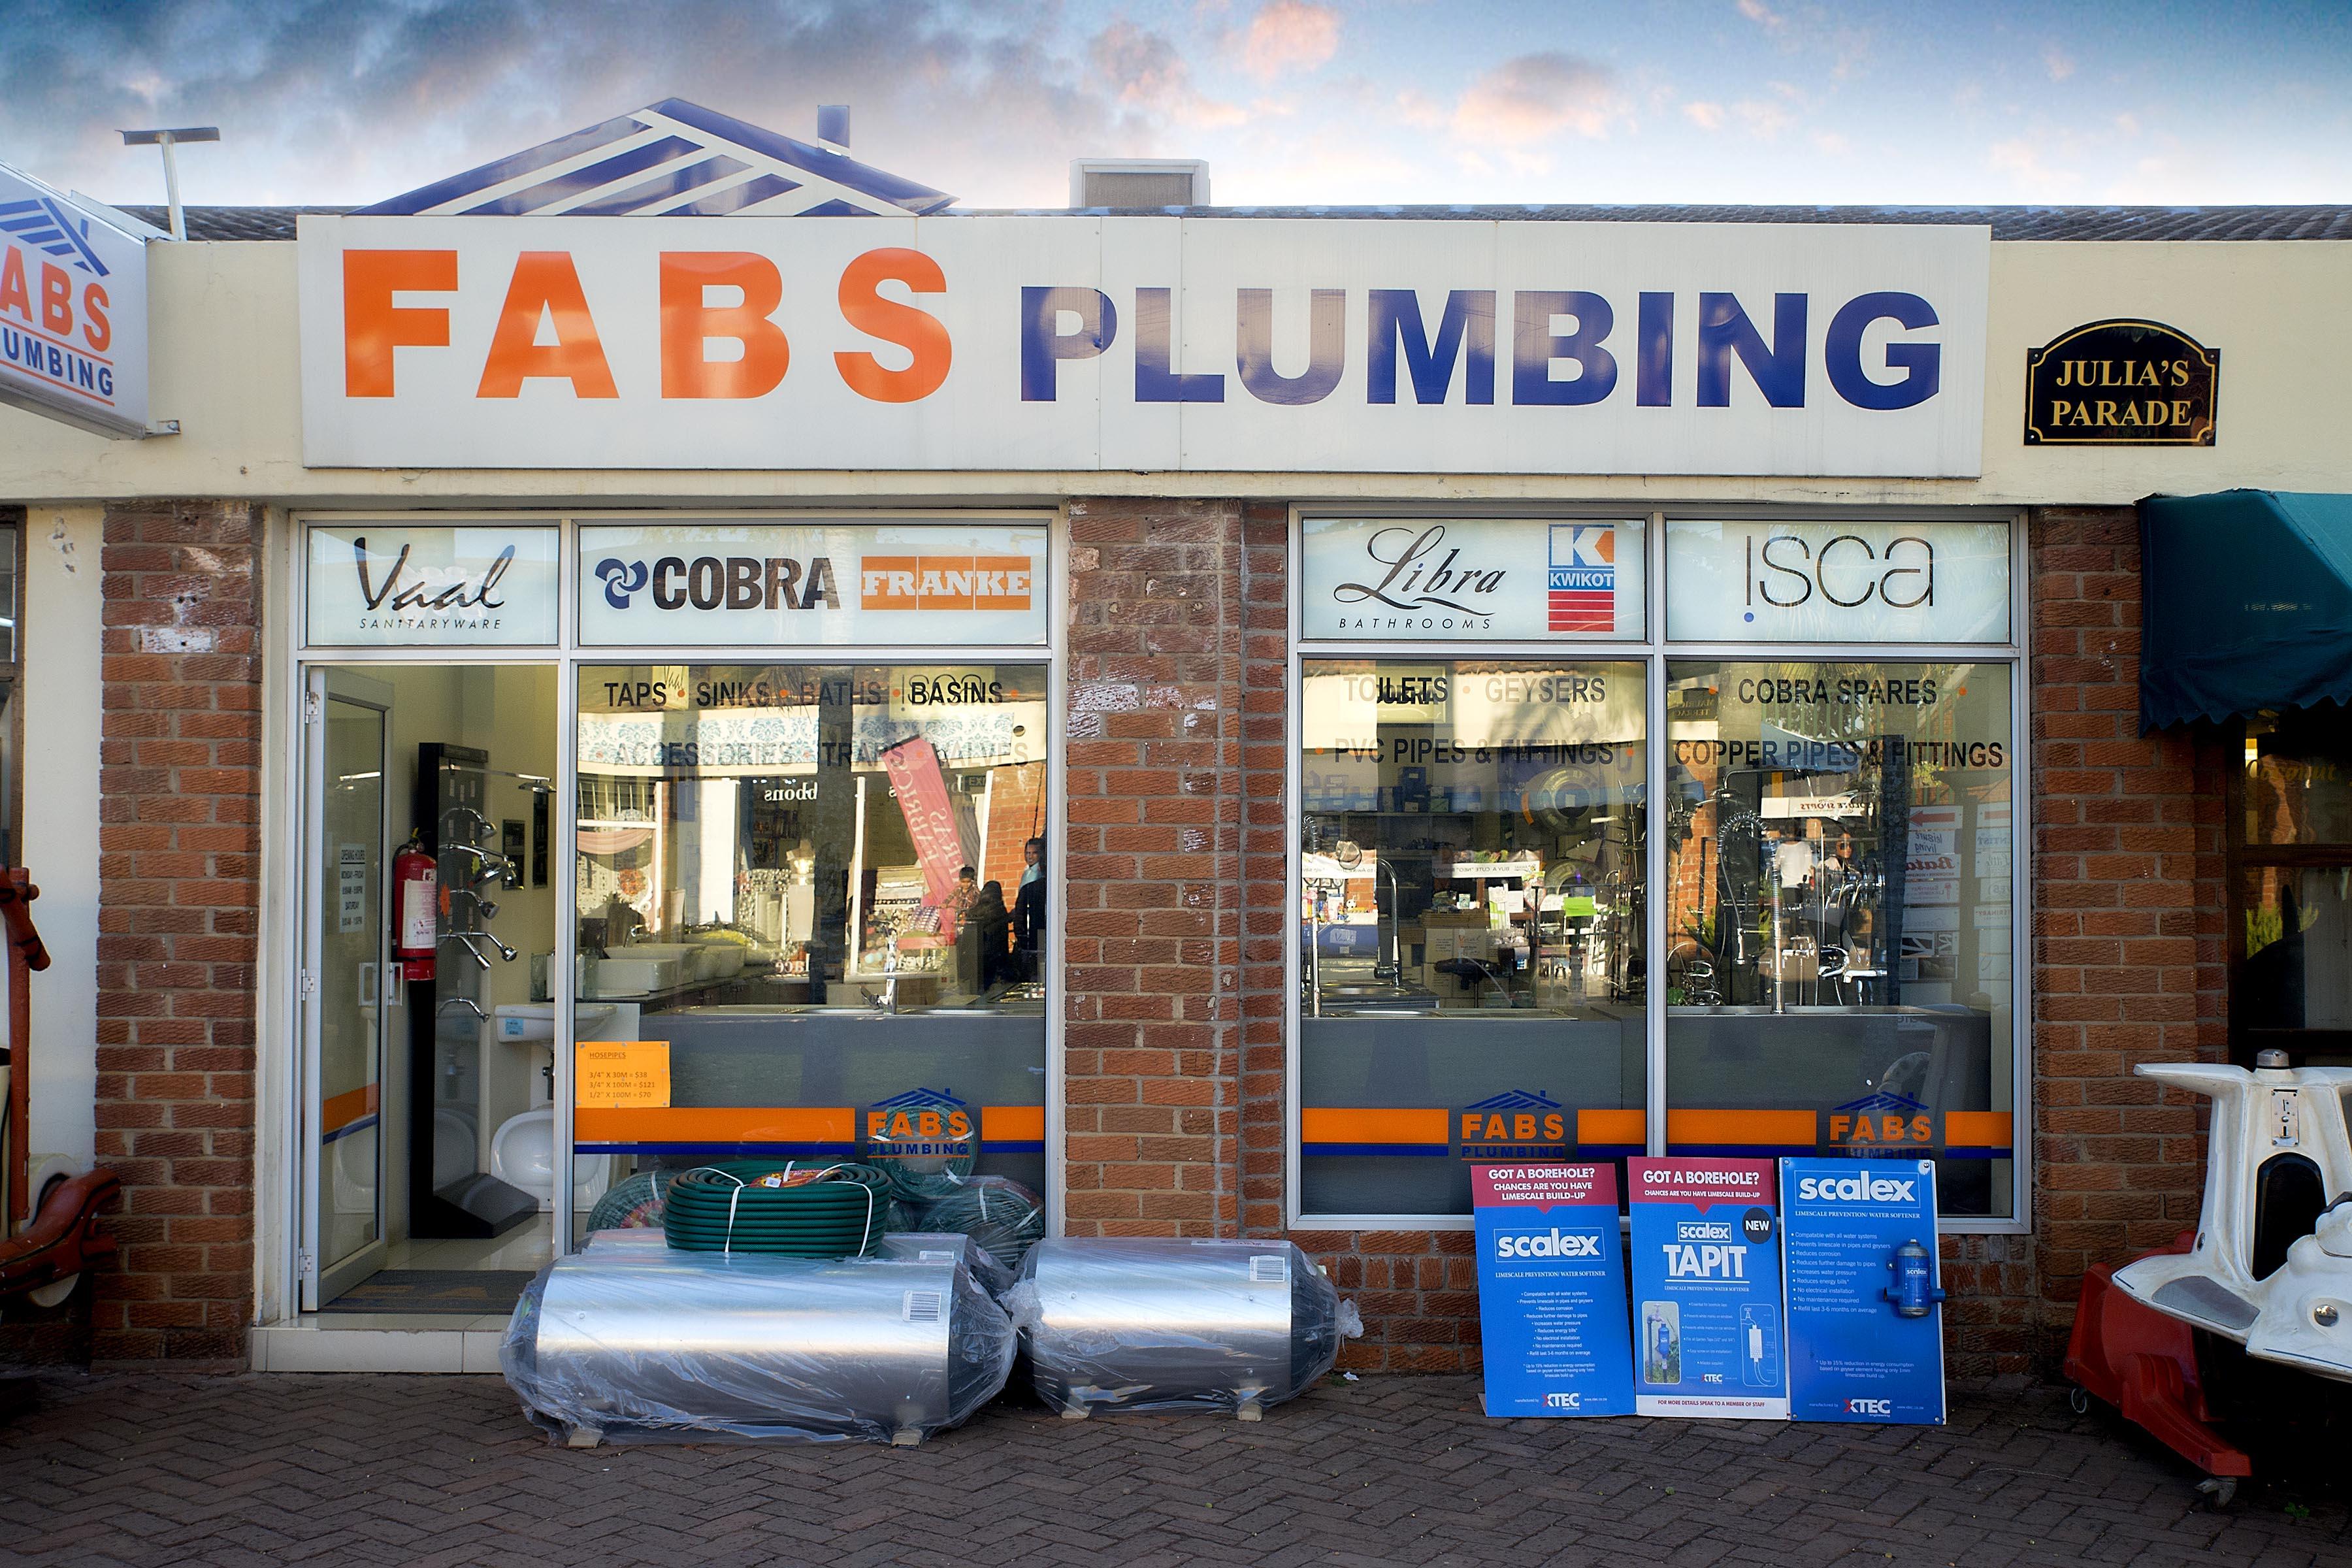 Fabs Plumbing